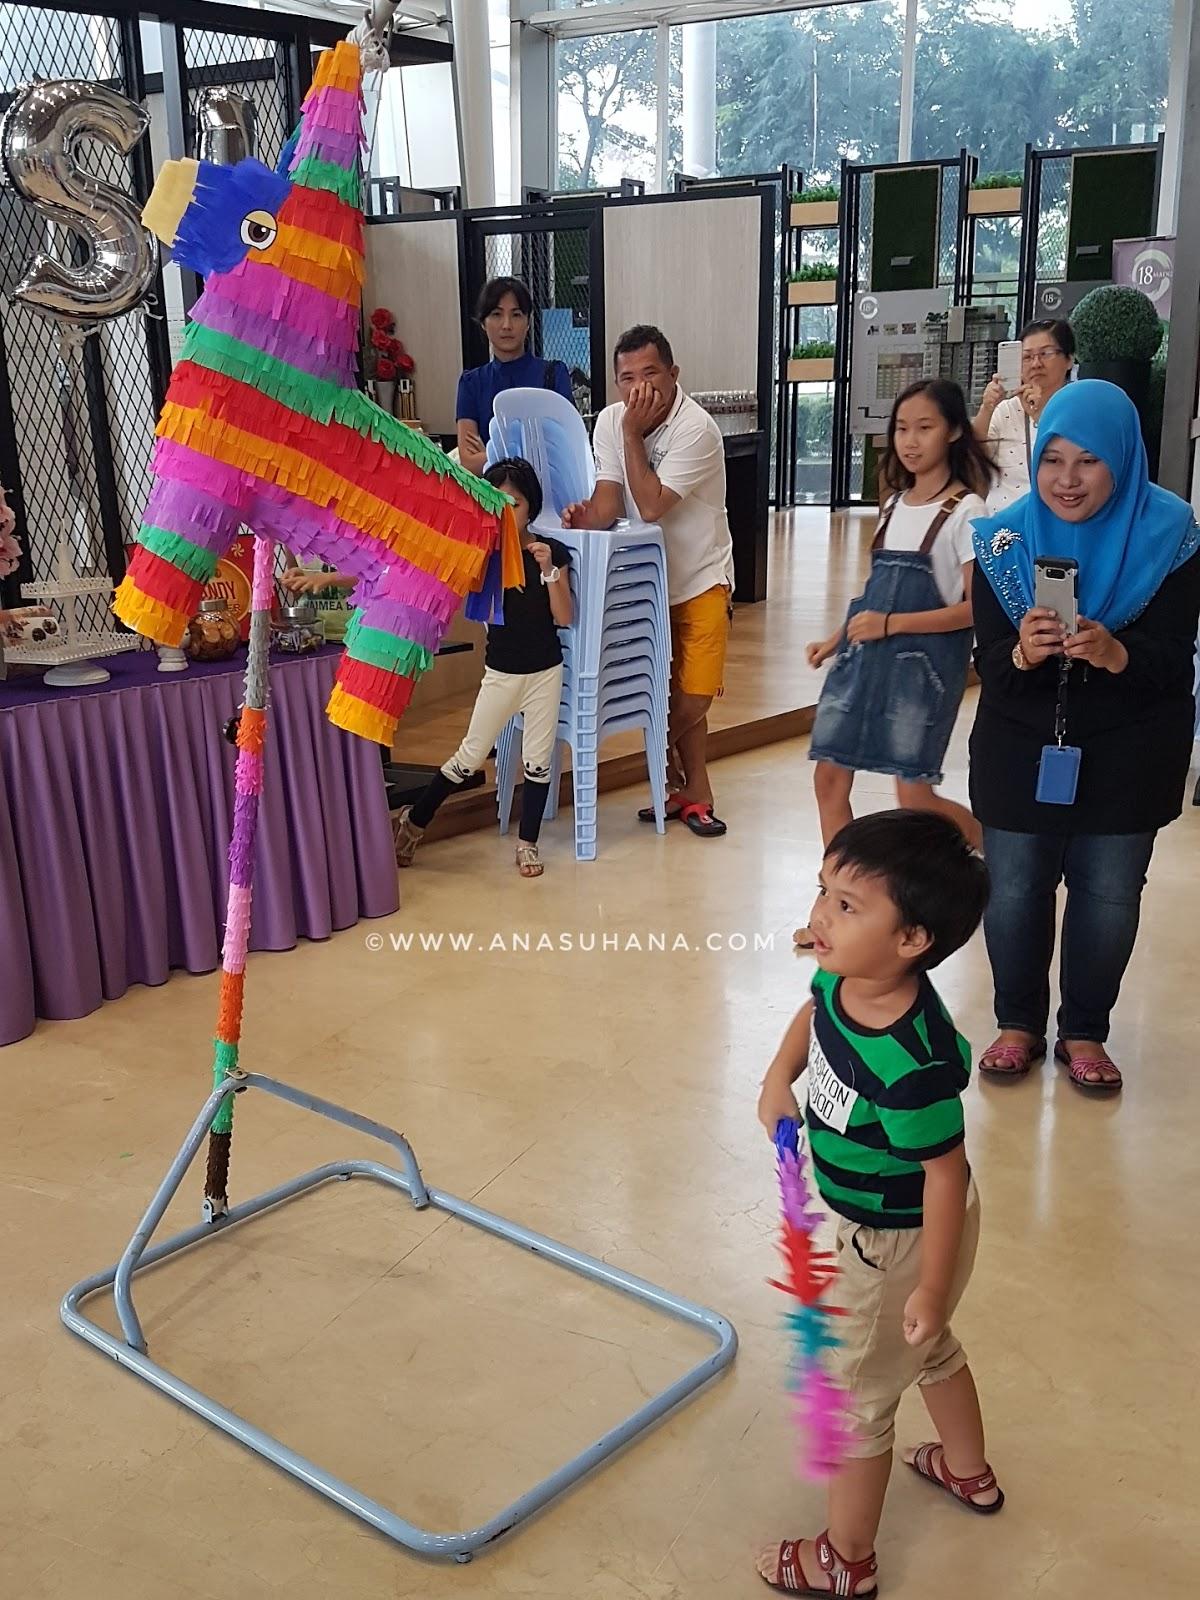 Pinata bersama Pinata Party KL anjuran KSL Realty Sdn Bhd